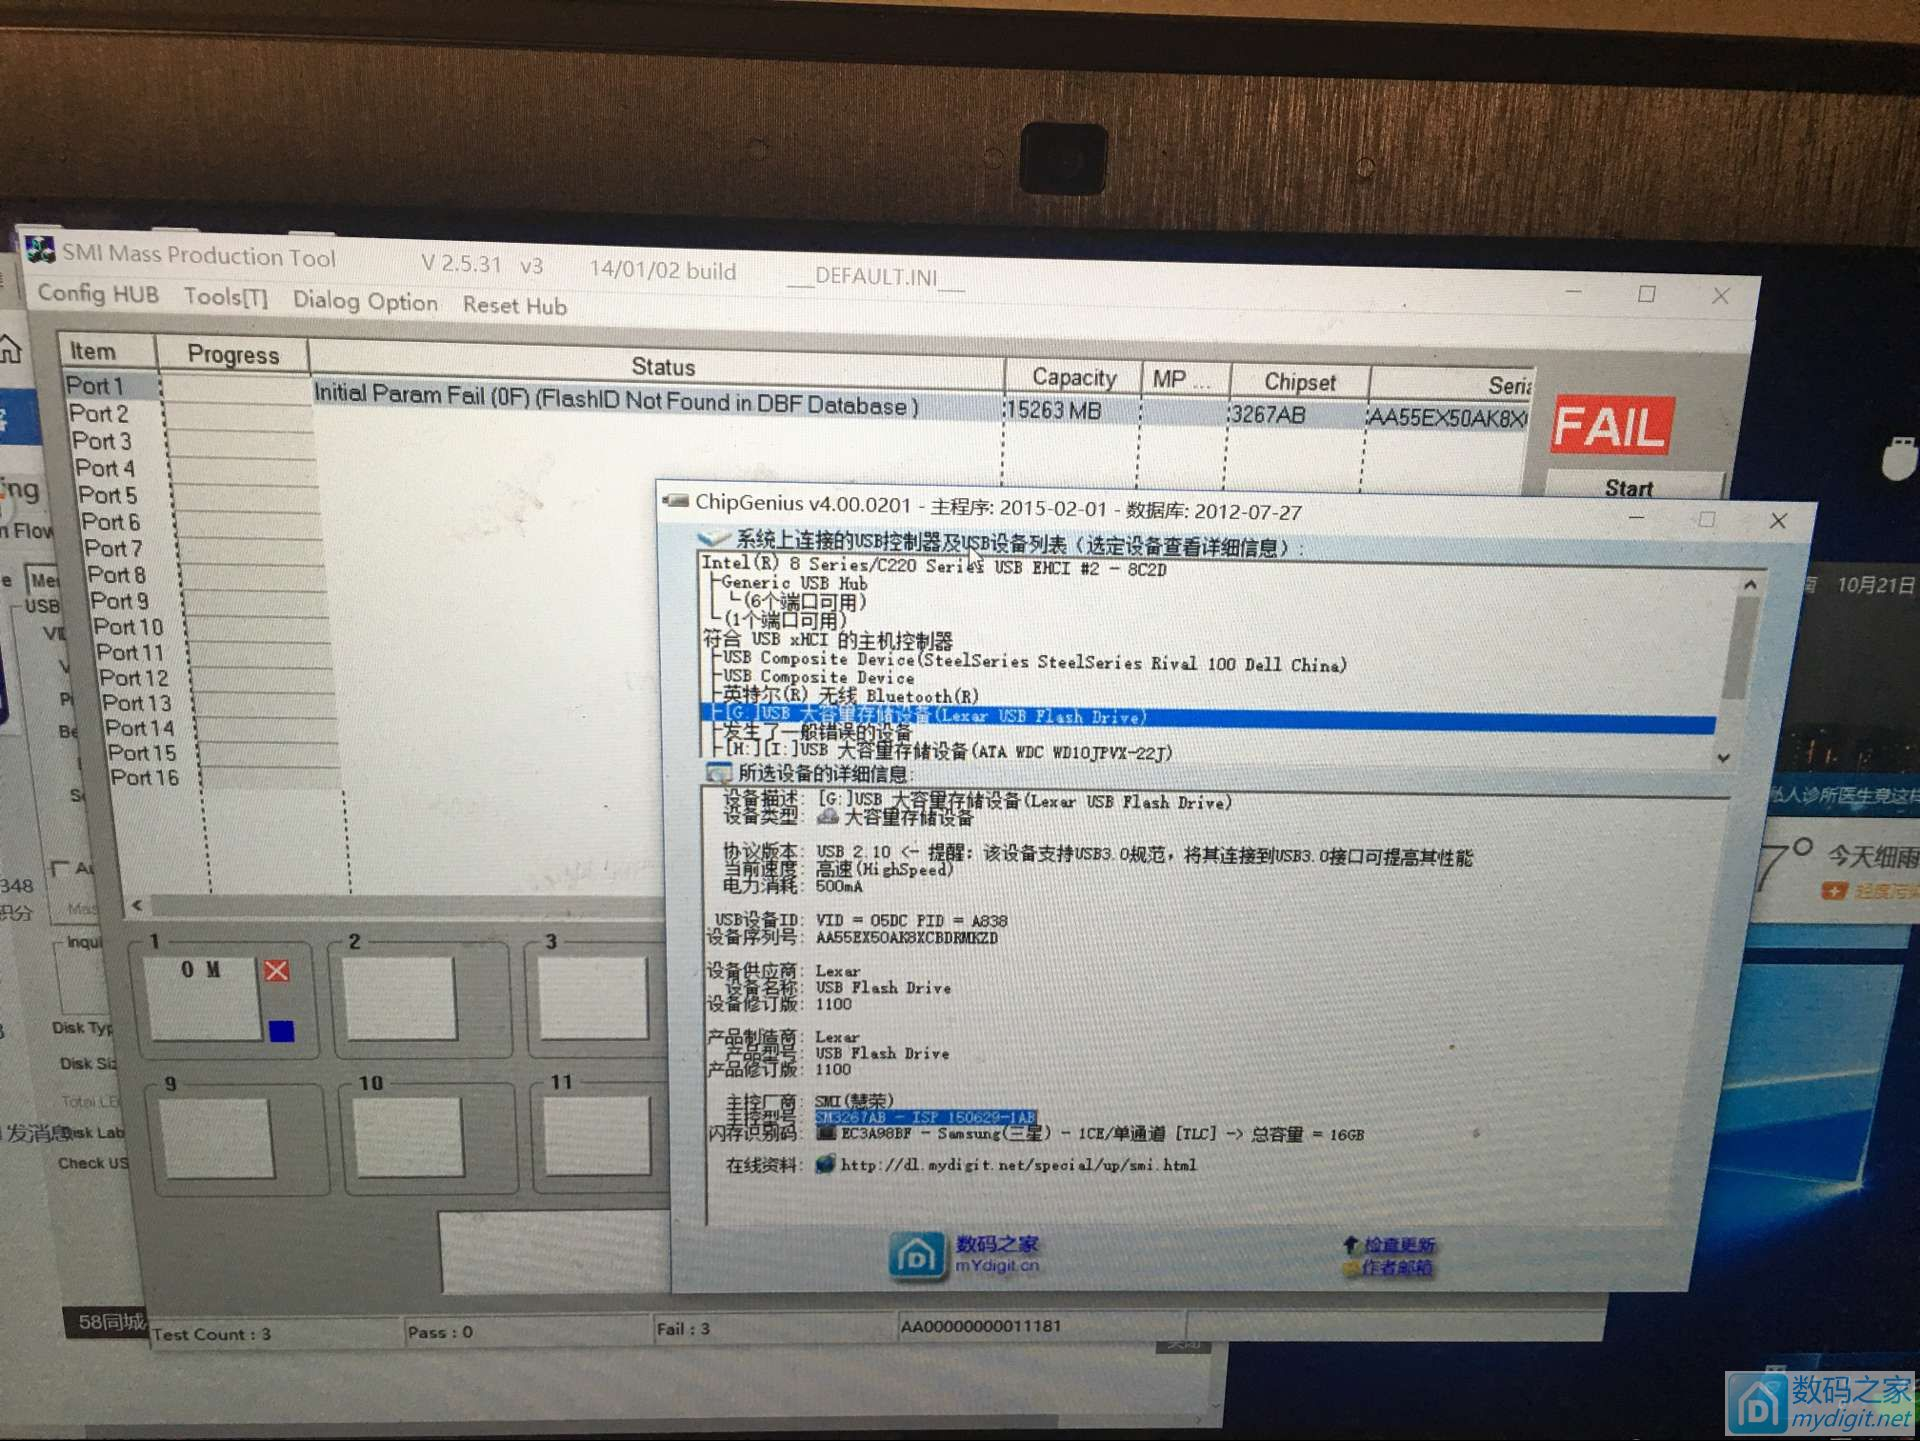 雷克沙U盘SM3267AB怎么量产不了打什么看看怎么回事